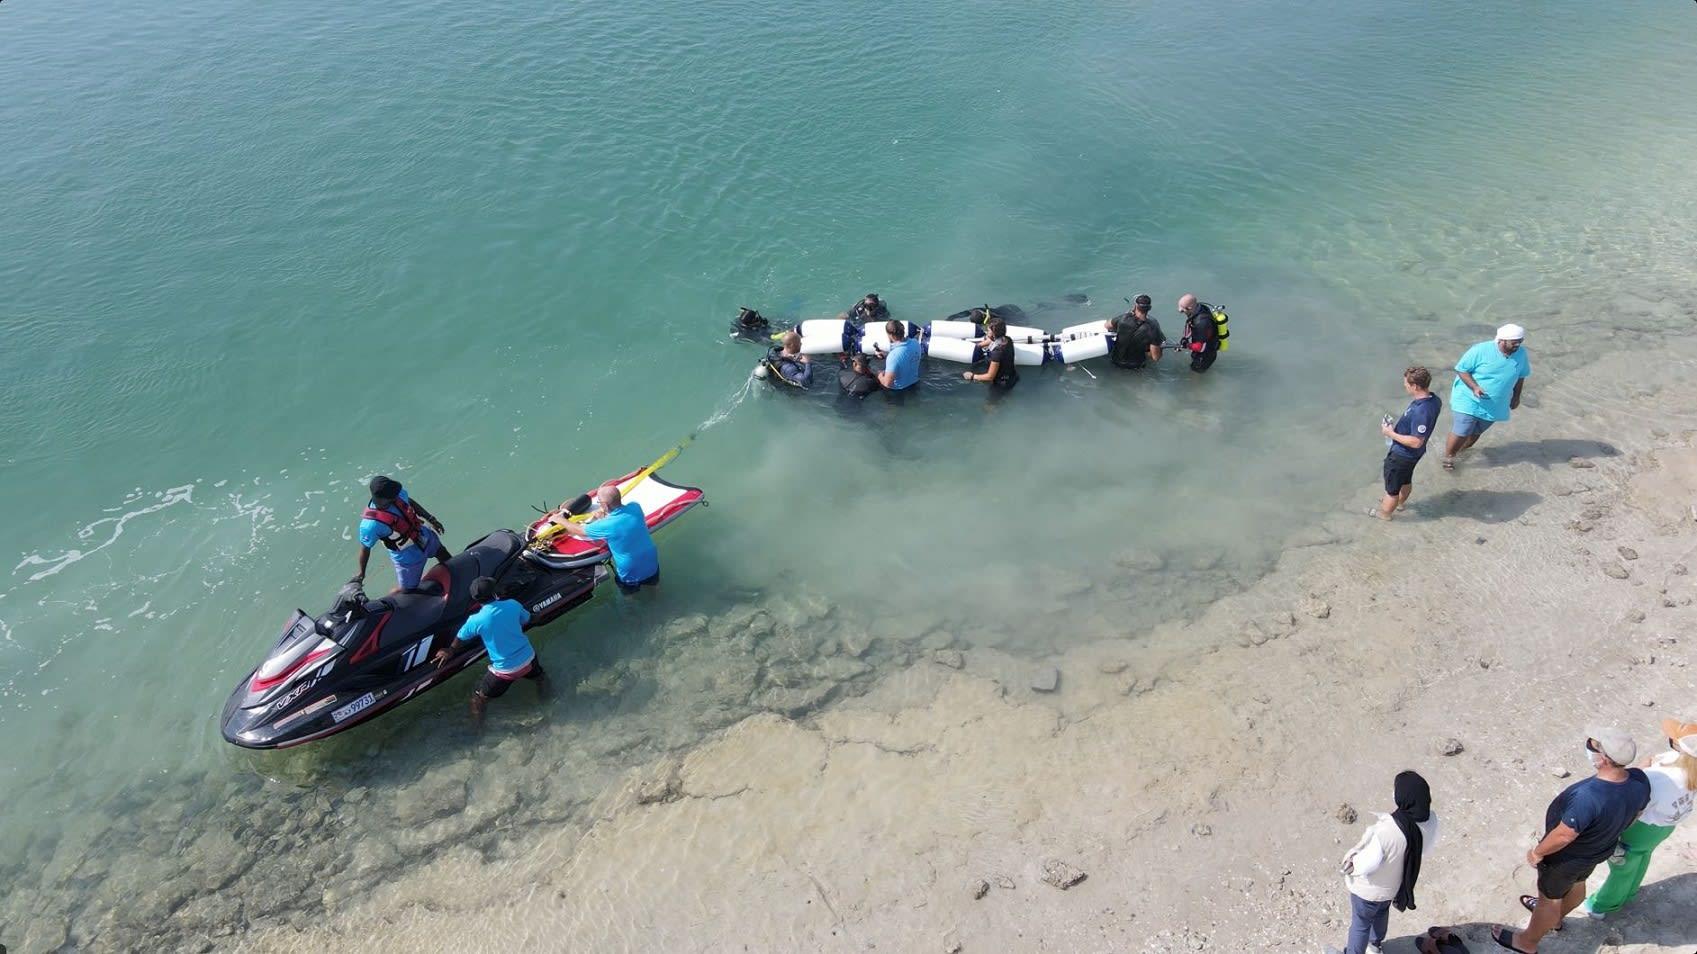 بعد أن ضل طريقه.. نجاح عملية إنقاذ قرش حوت في الإمارات بمهمة هي الأولى من نوعها